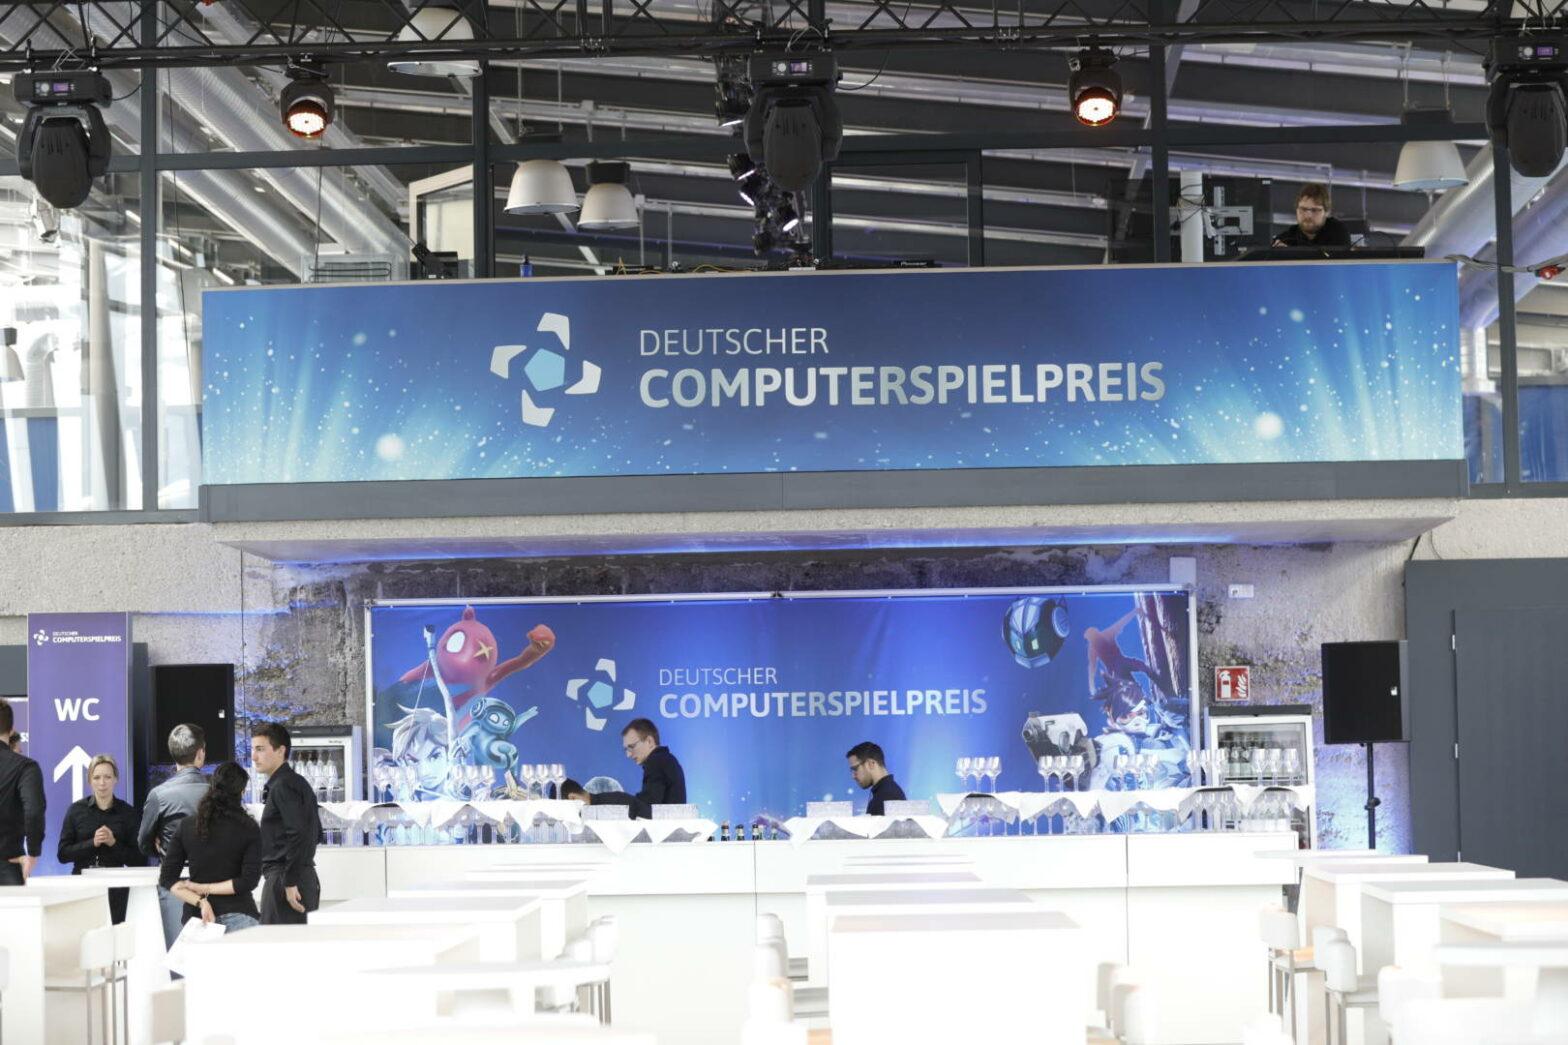 Vorhang auf für den Deutschen Computerspielpreis 2019: Ina Müller moderiert Gala im Berliner Admiralspalast